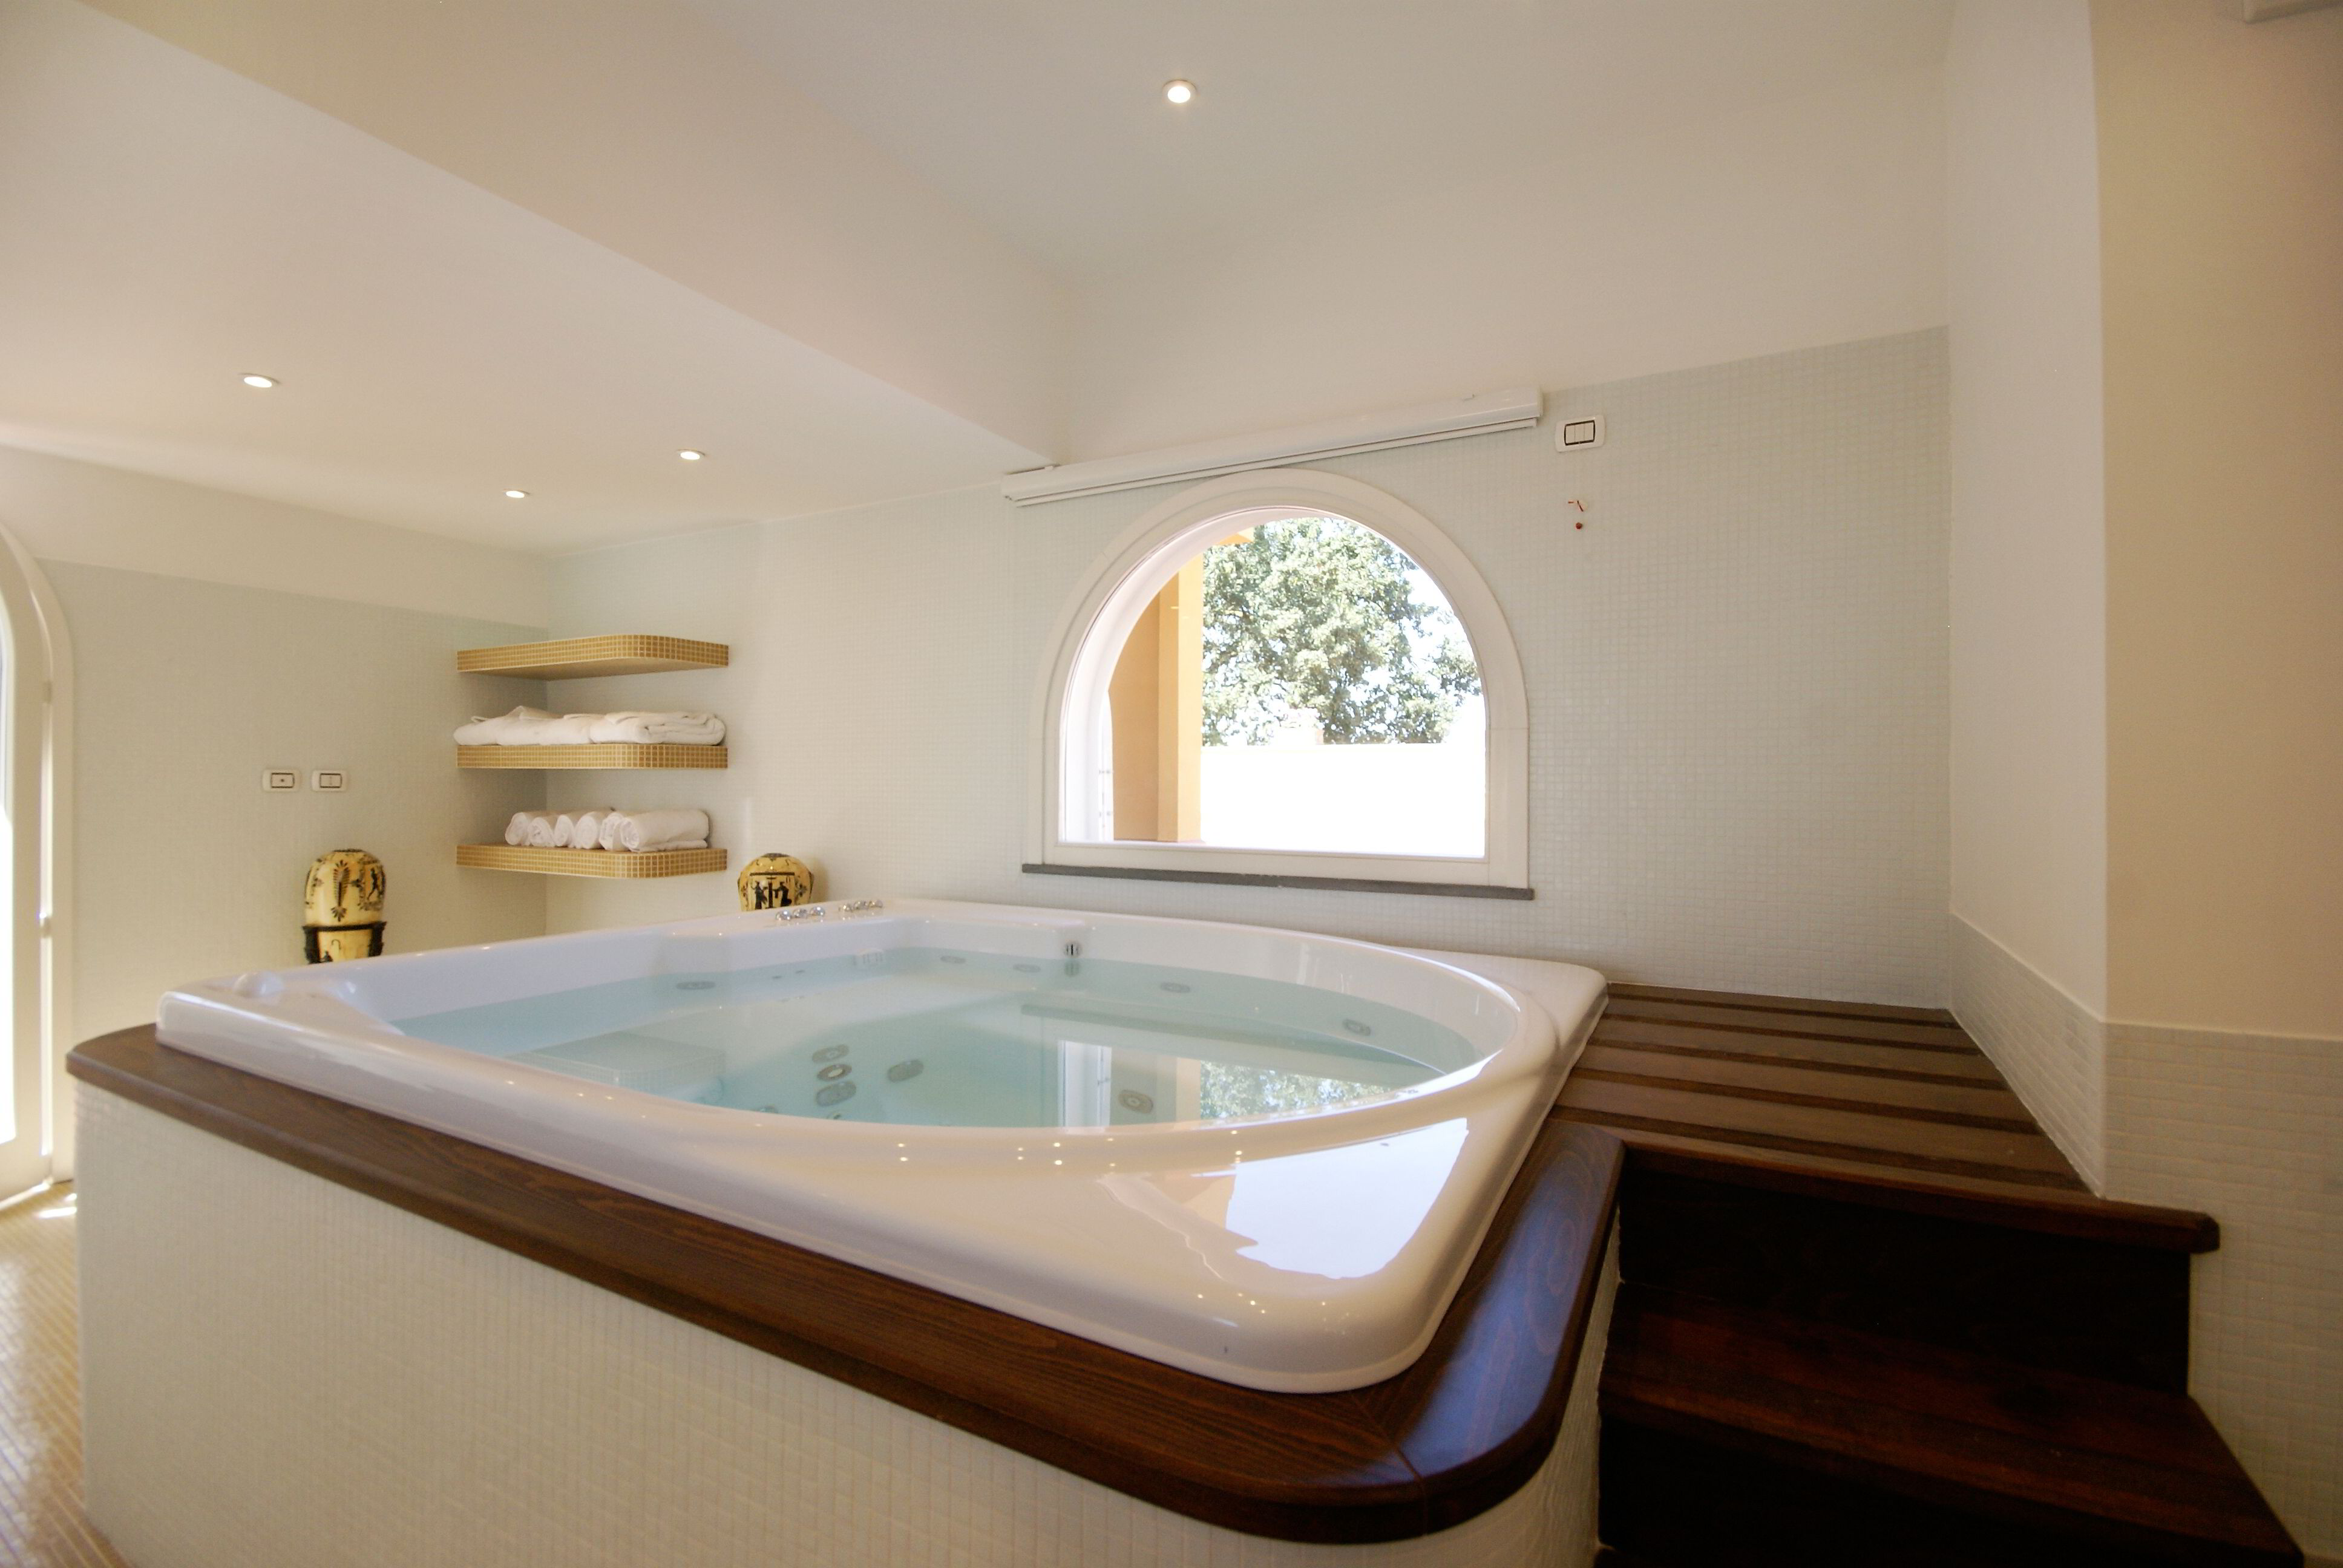 10 - Villa Terranova - Jacuzzi - Luxury Home Rentals in Miami, Aspen ...